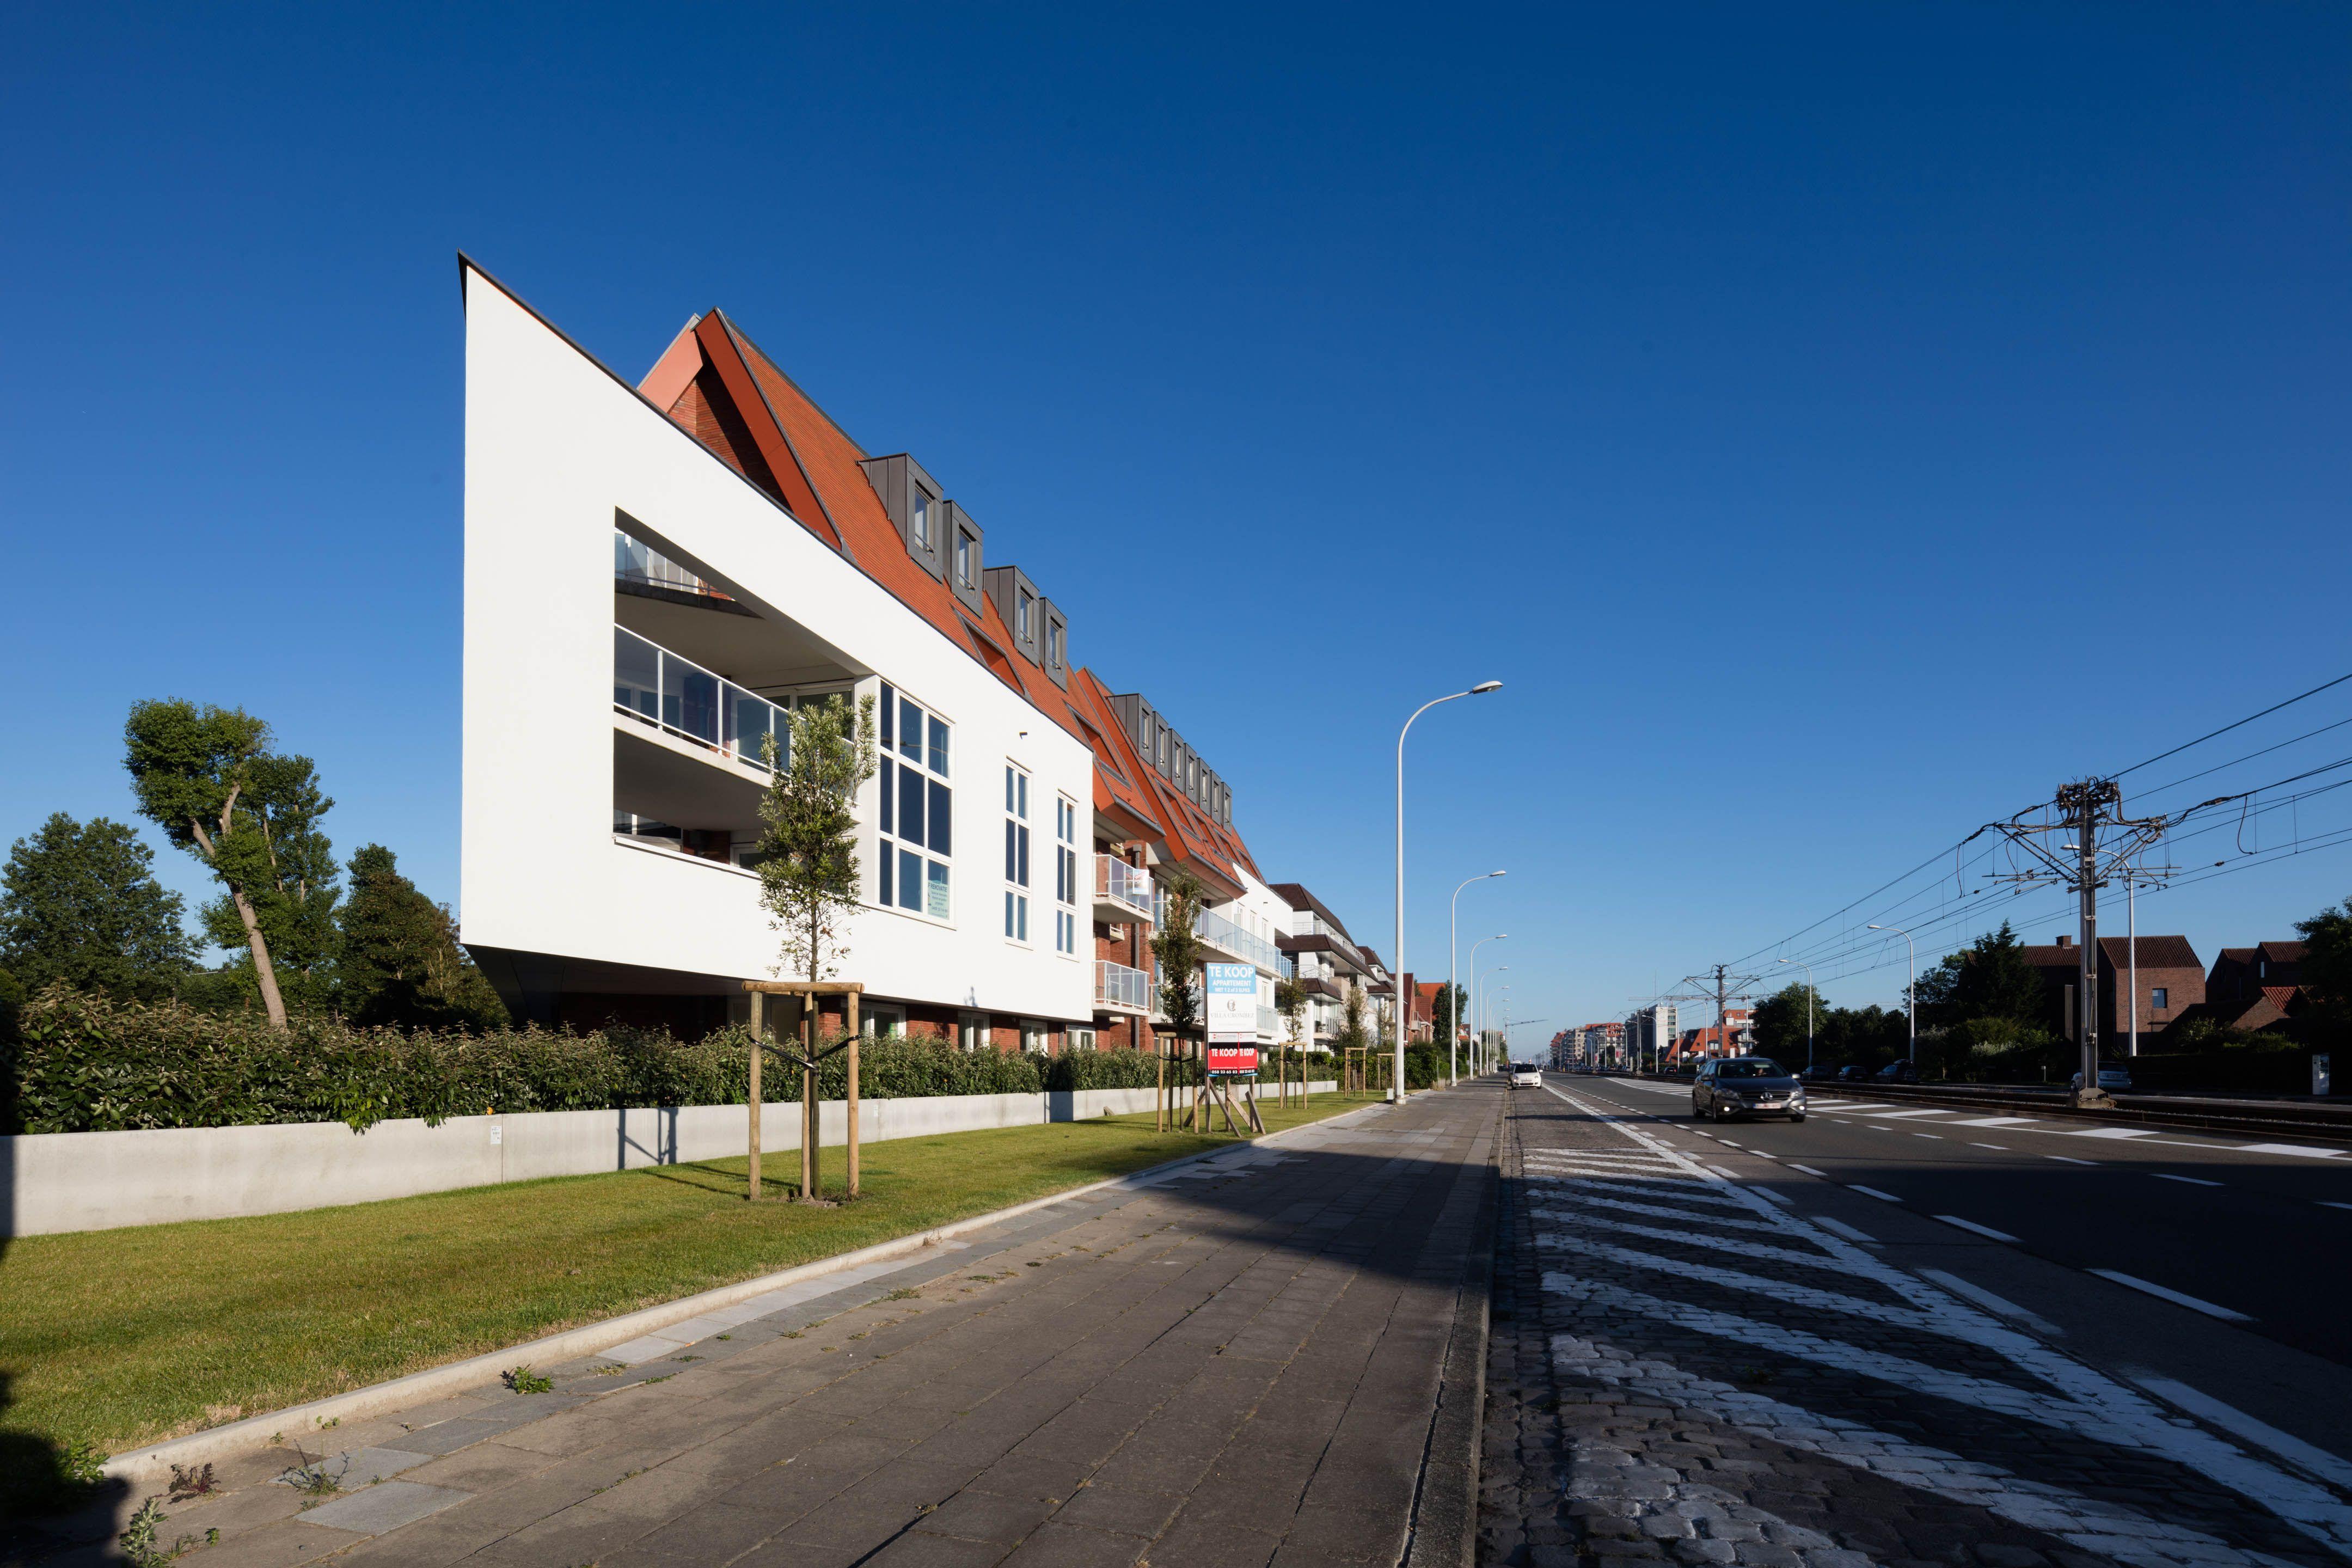 Appartement Residentie Villa Crombez Nieuwpoort - 9348